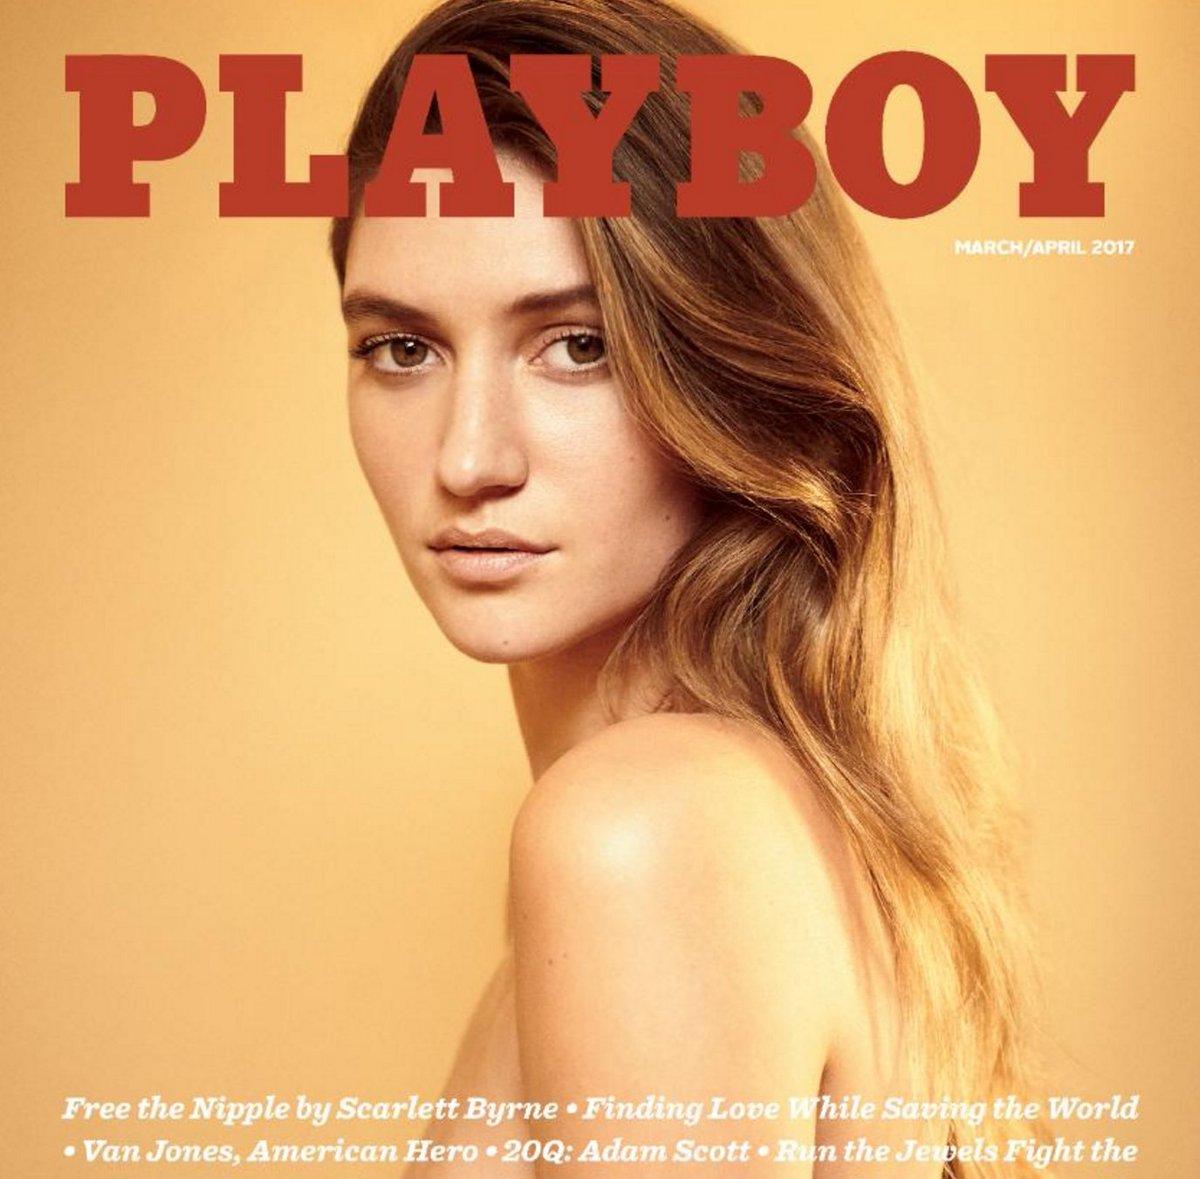 Mujeres desnudas de playboy galleries 95